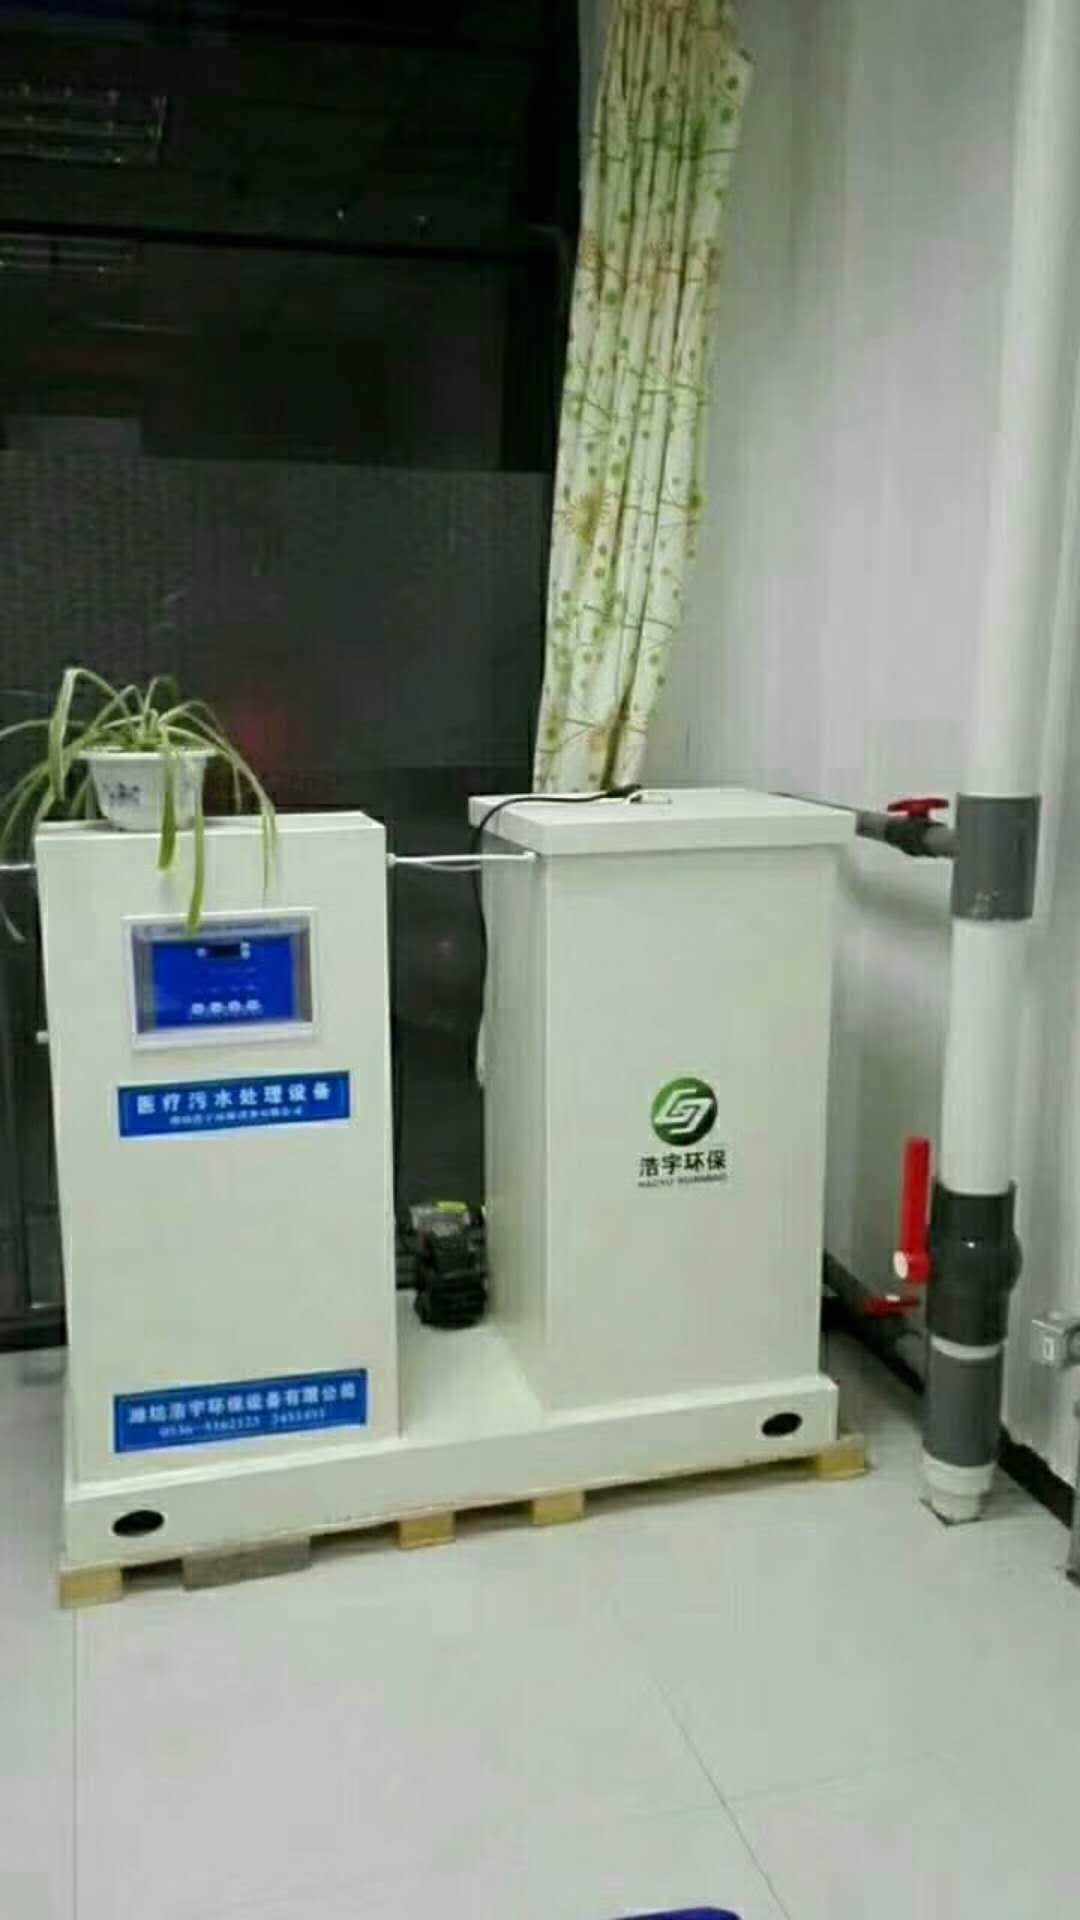 分子实验室污水处理设备 <br> 全新  价格:18600 <br> <img src=http://k.kqzp.cn/img/up/img/5f081220dd195.jpg